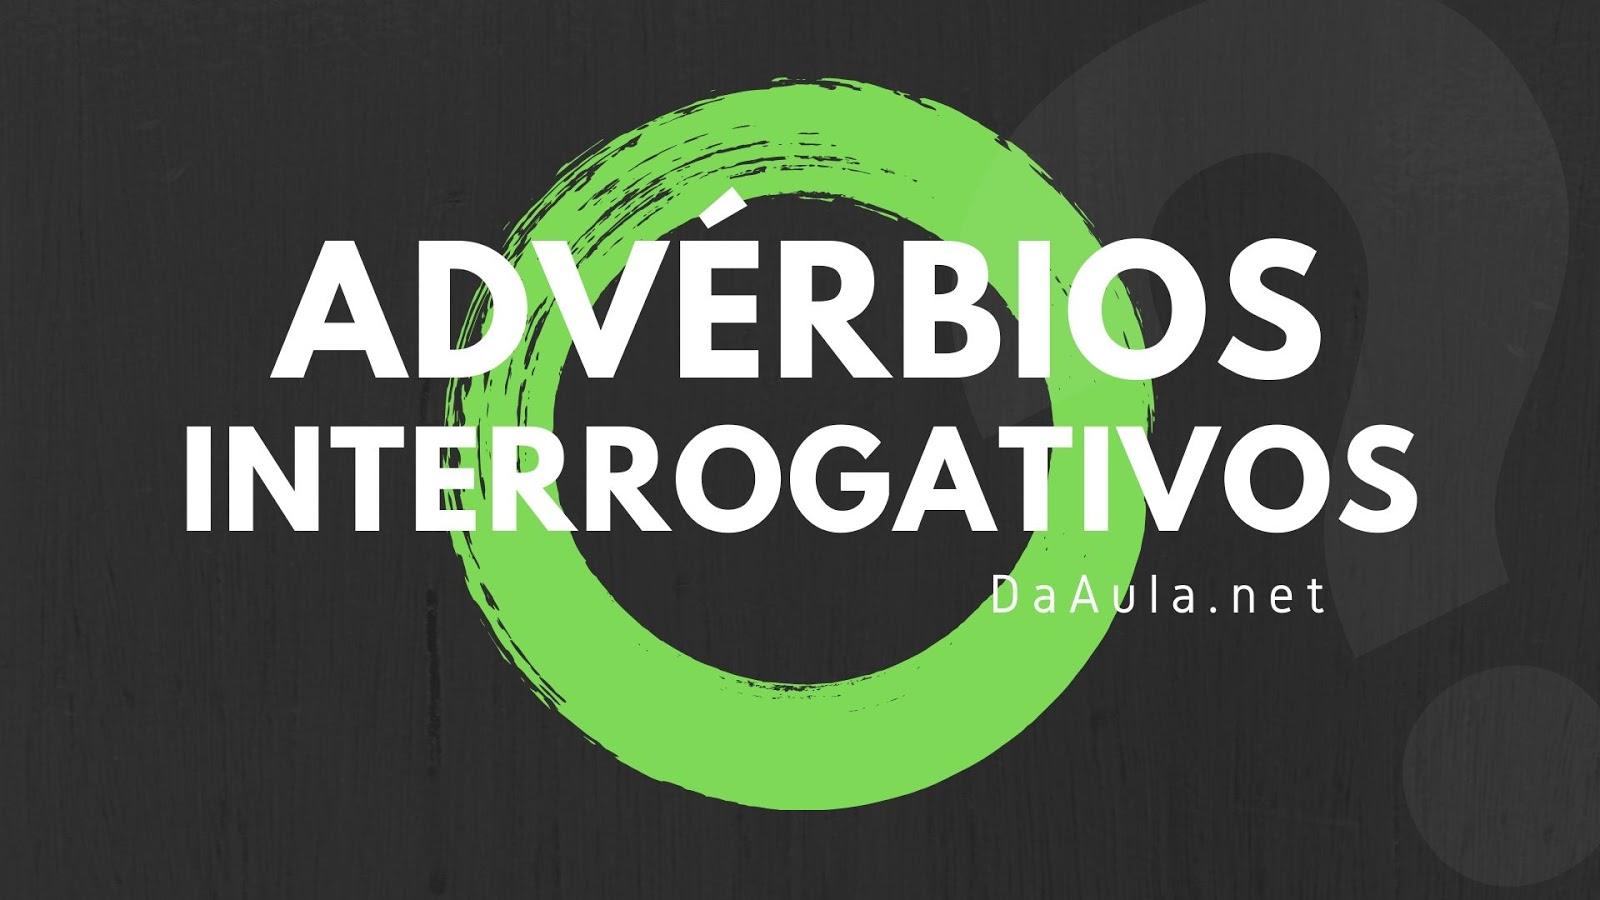 O que são Advérbios Interrogativos?